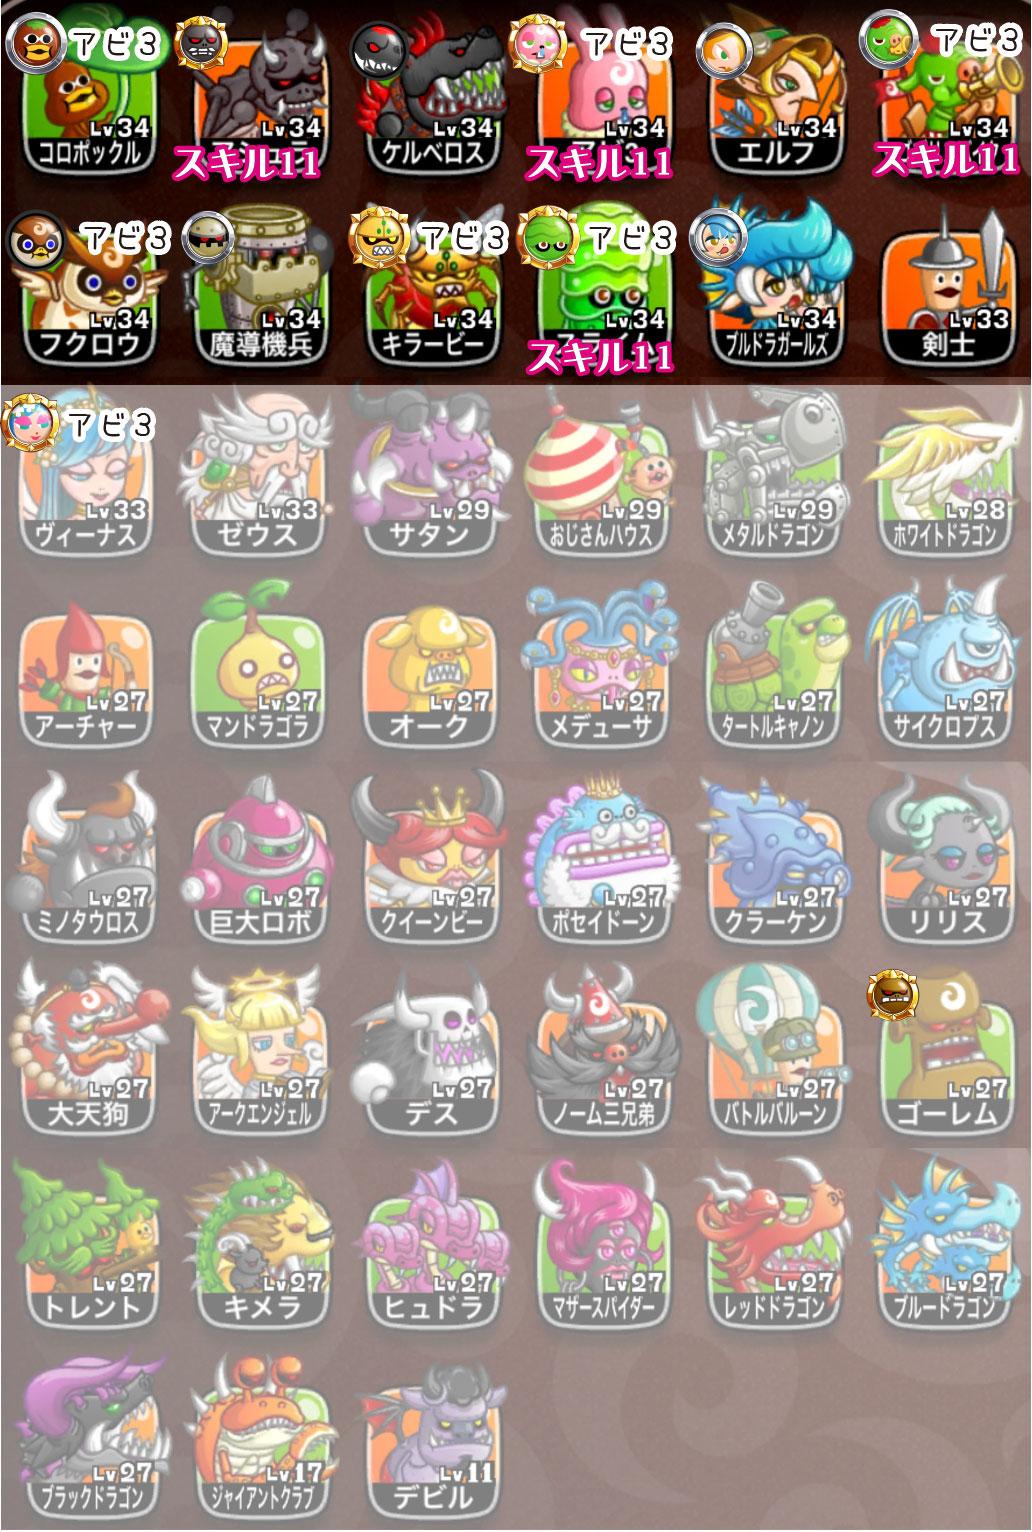 【デッキ公開】きびだんごを使い切る!ソコヂカラで強化開始(21/01/14)|城ドラ・城とドラゴン